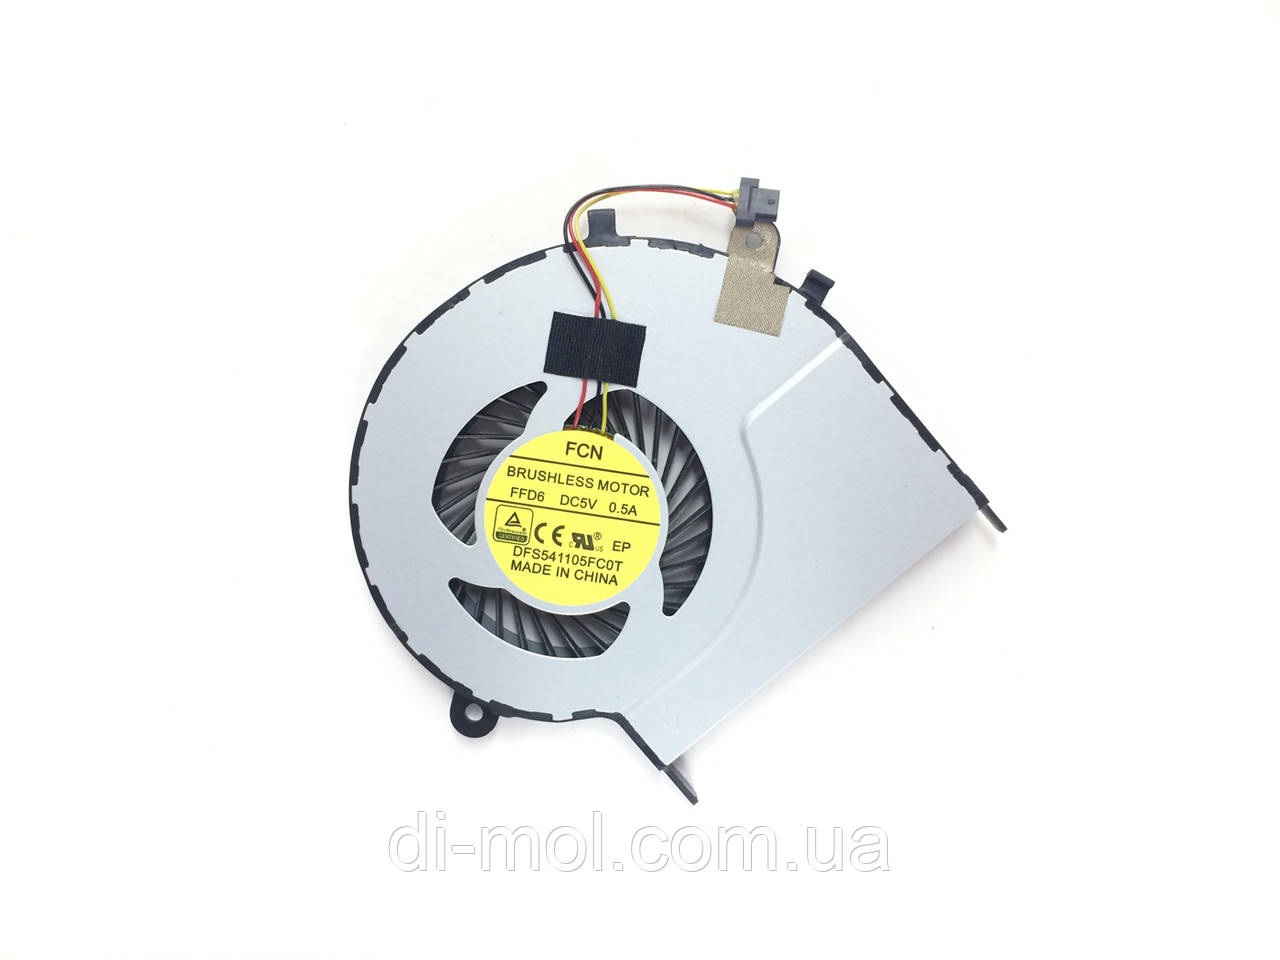 Вентилятор для ноутбука Toshiba Satellite L50-B series, 3-pin